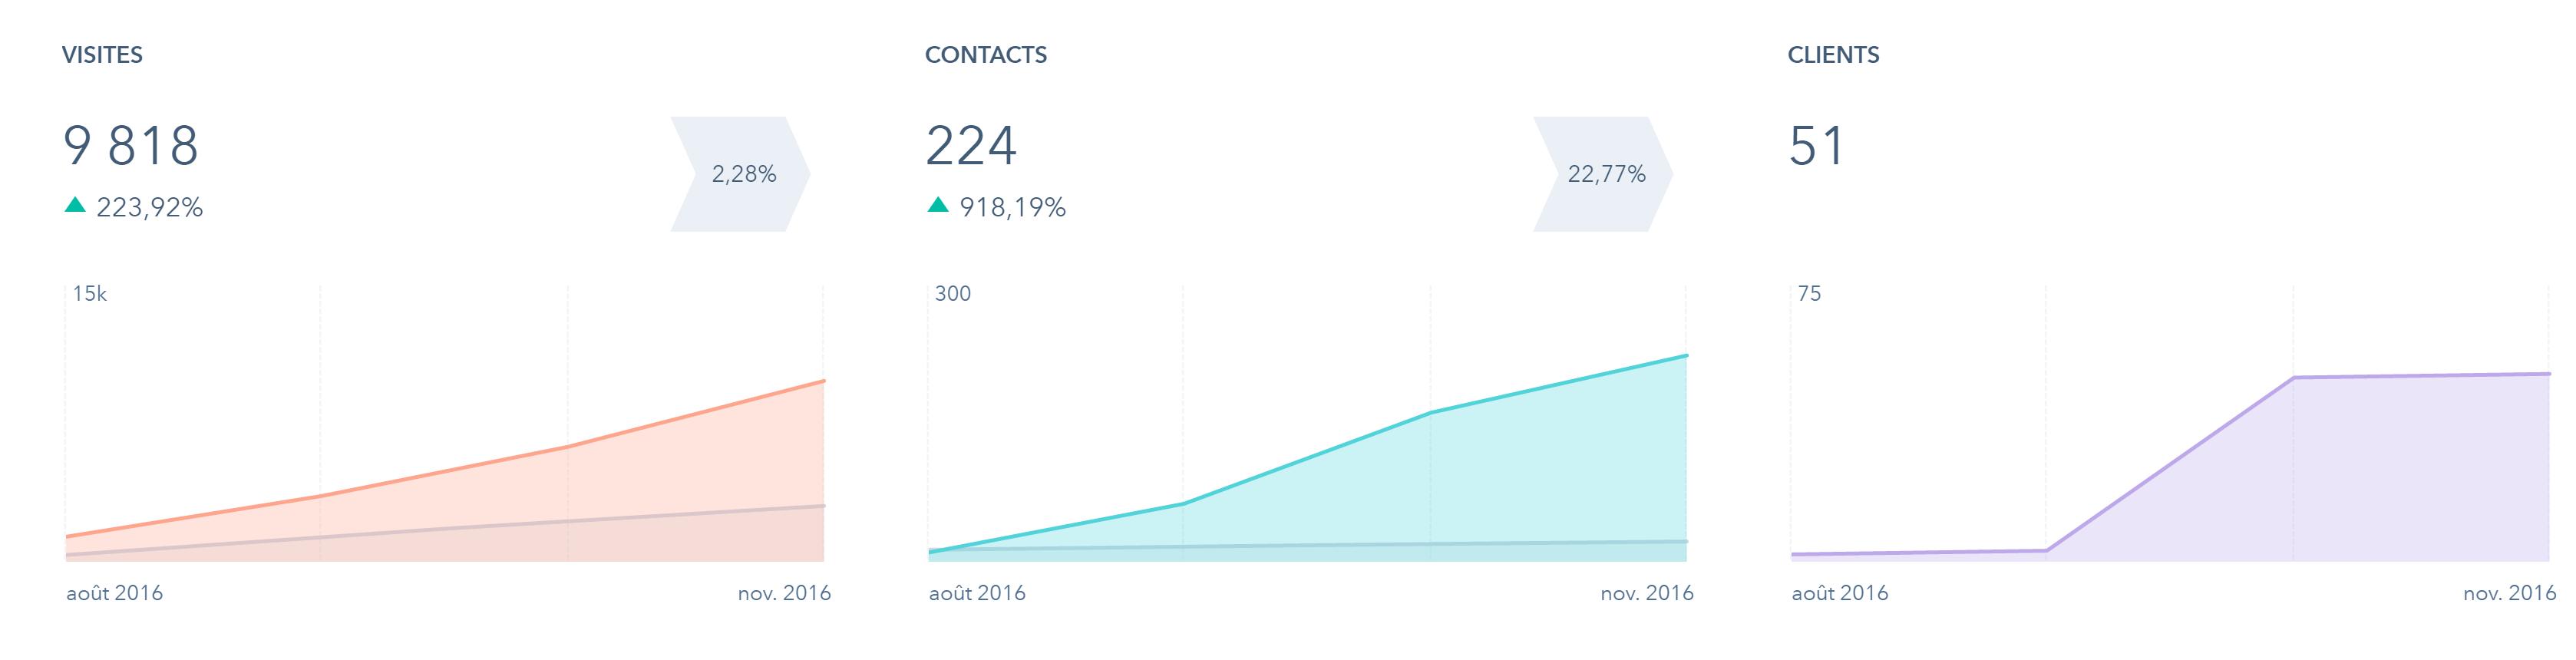 résultats leads clients inbound mamrketing hubspot